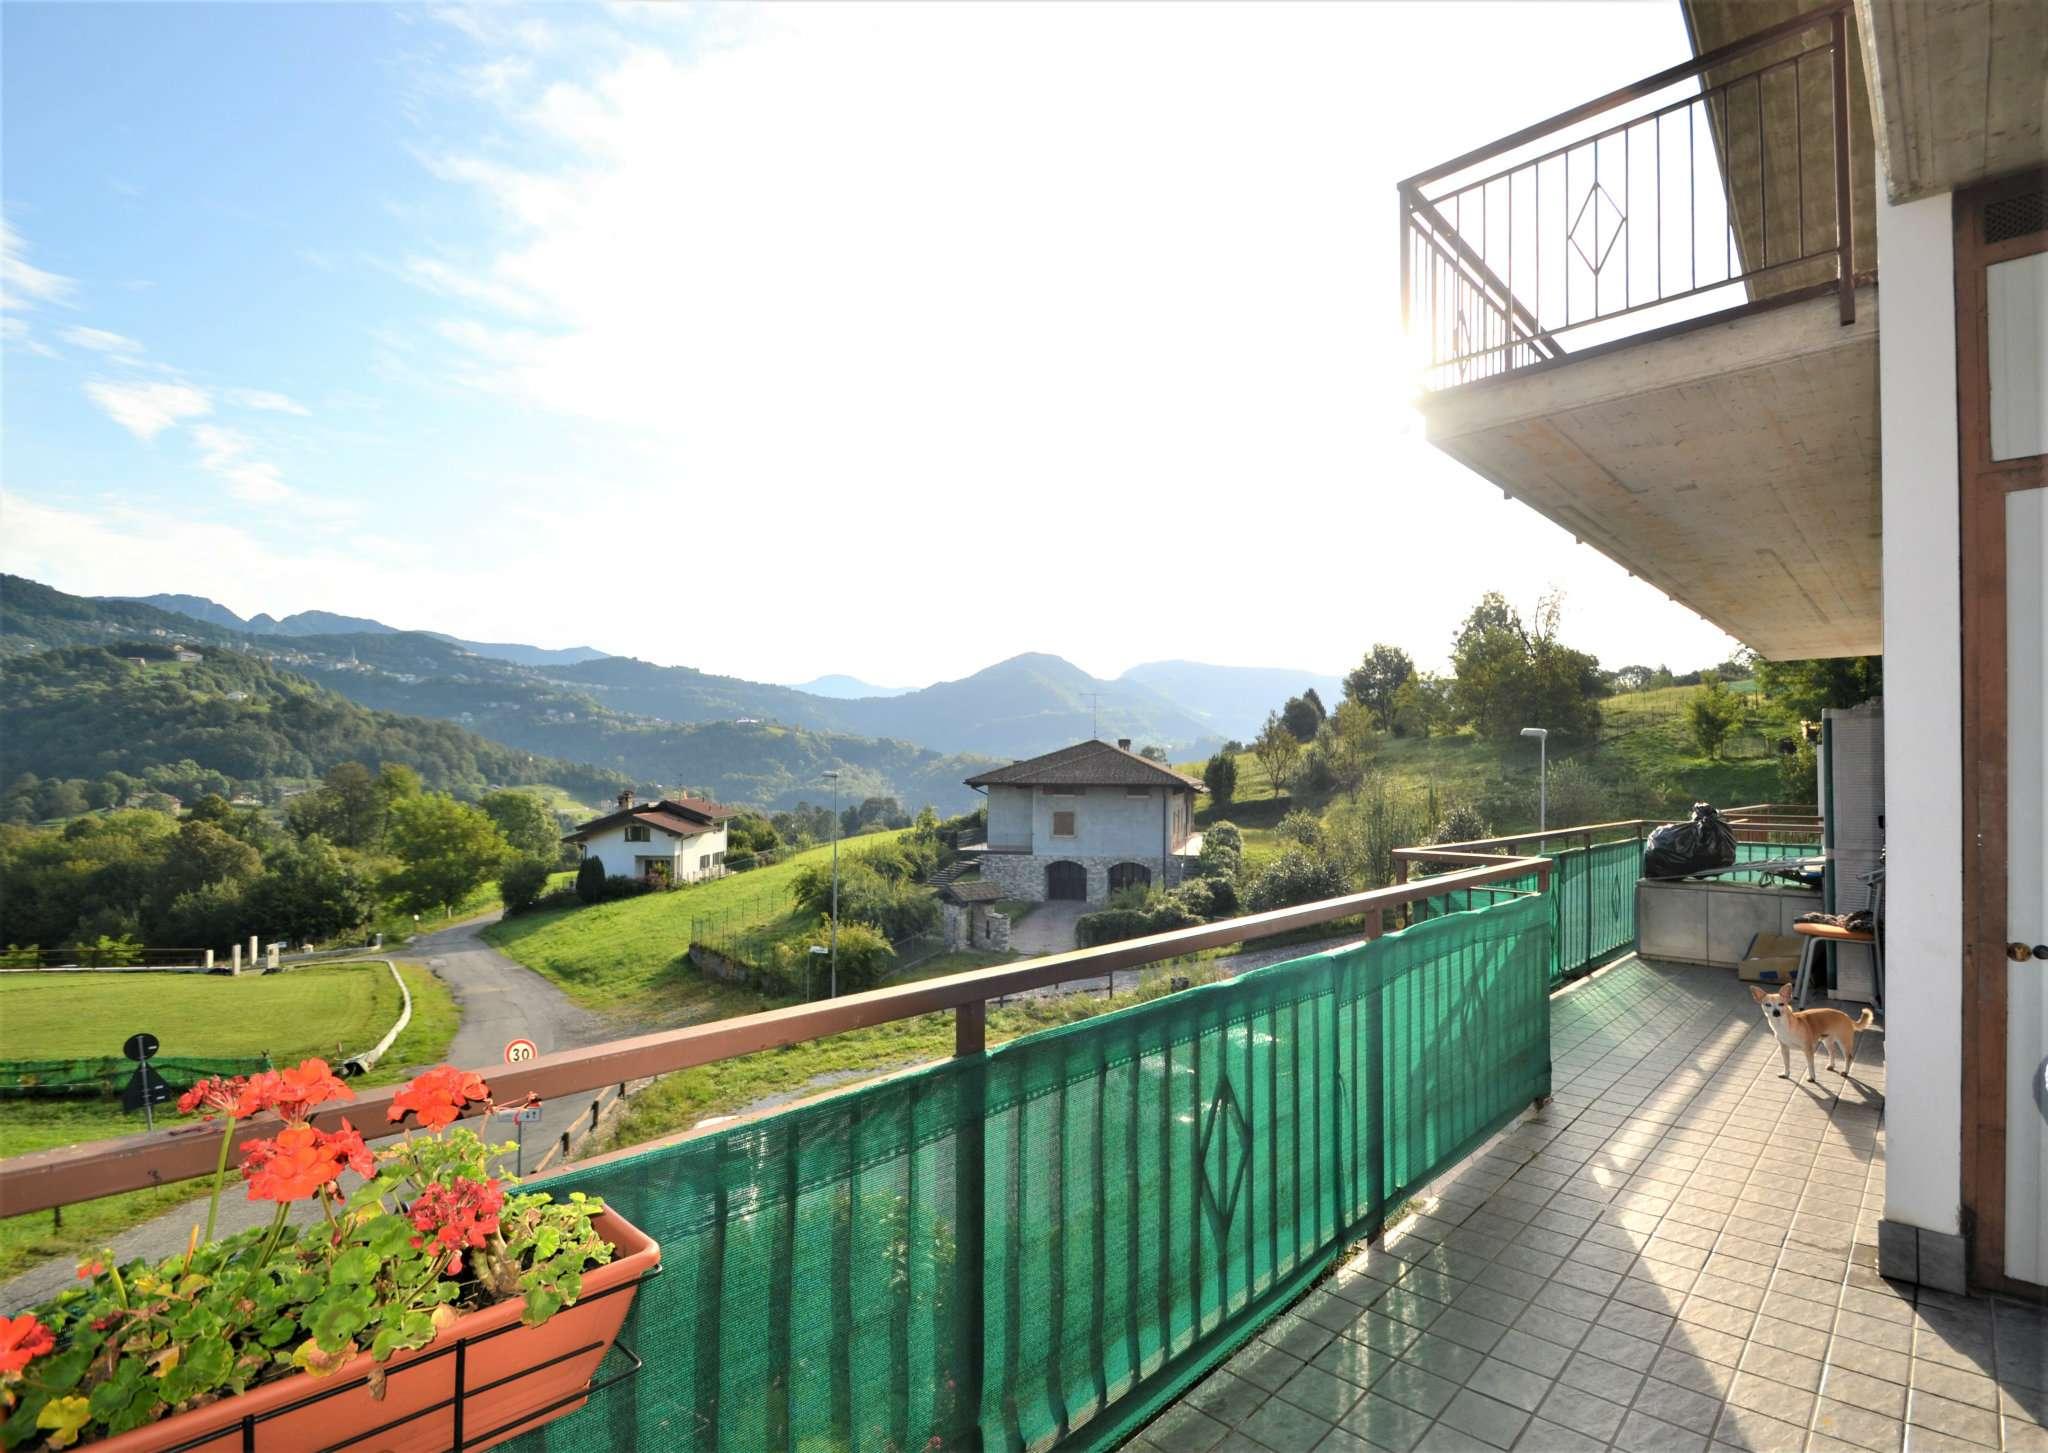 Appartamento in vendita a Bedulita, 3 locali, prezzo € 89.000 | CambioCasa.it